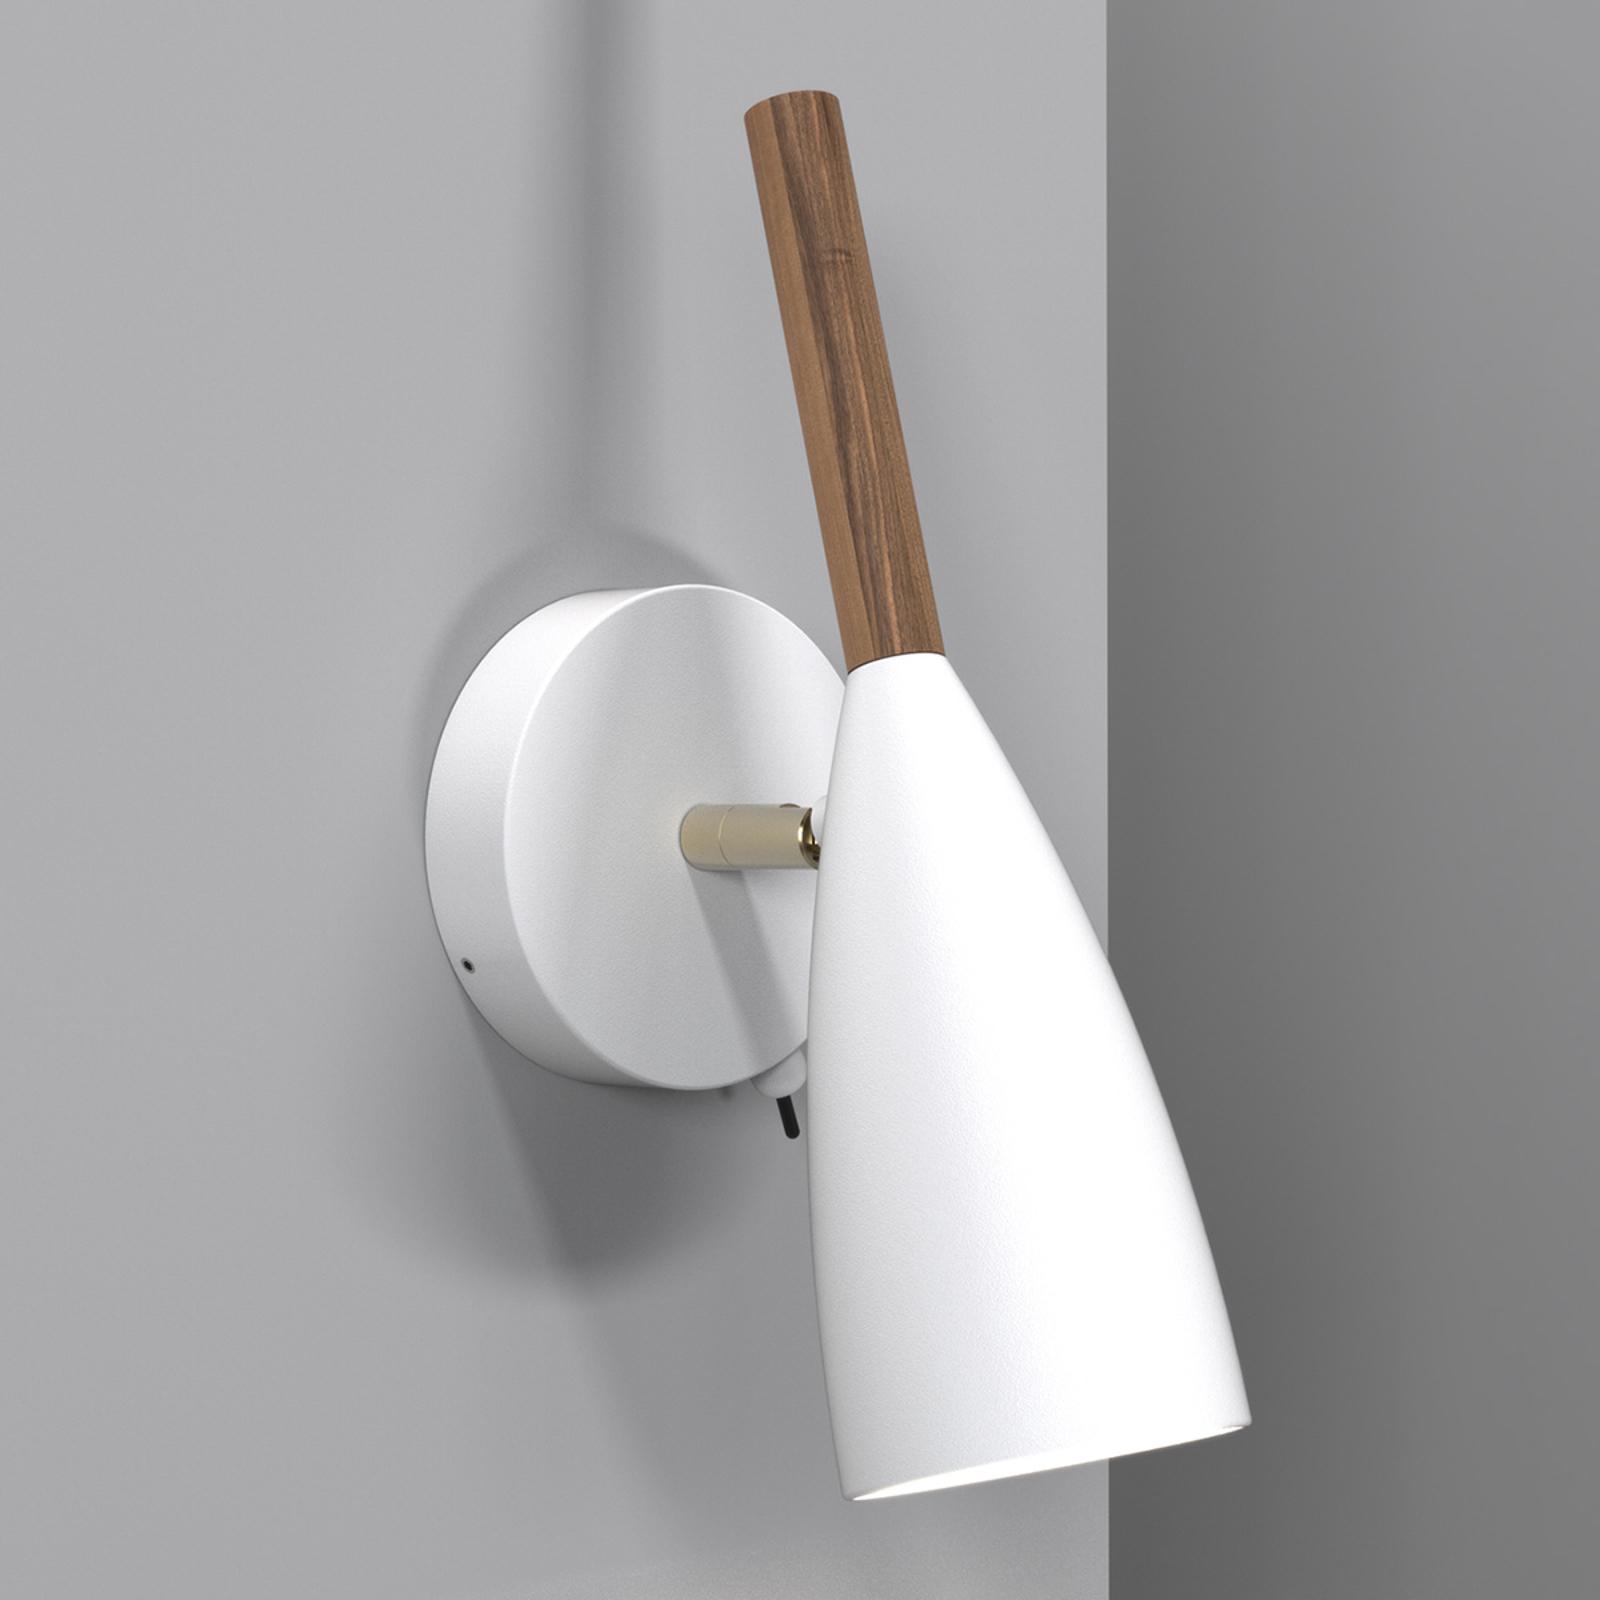 lampada da parete Pure, bianca, in legno